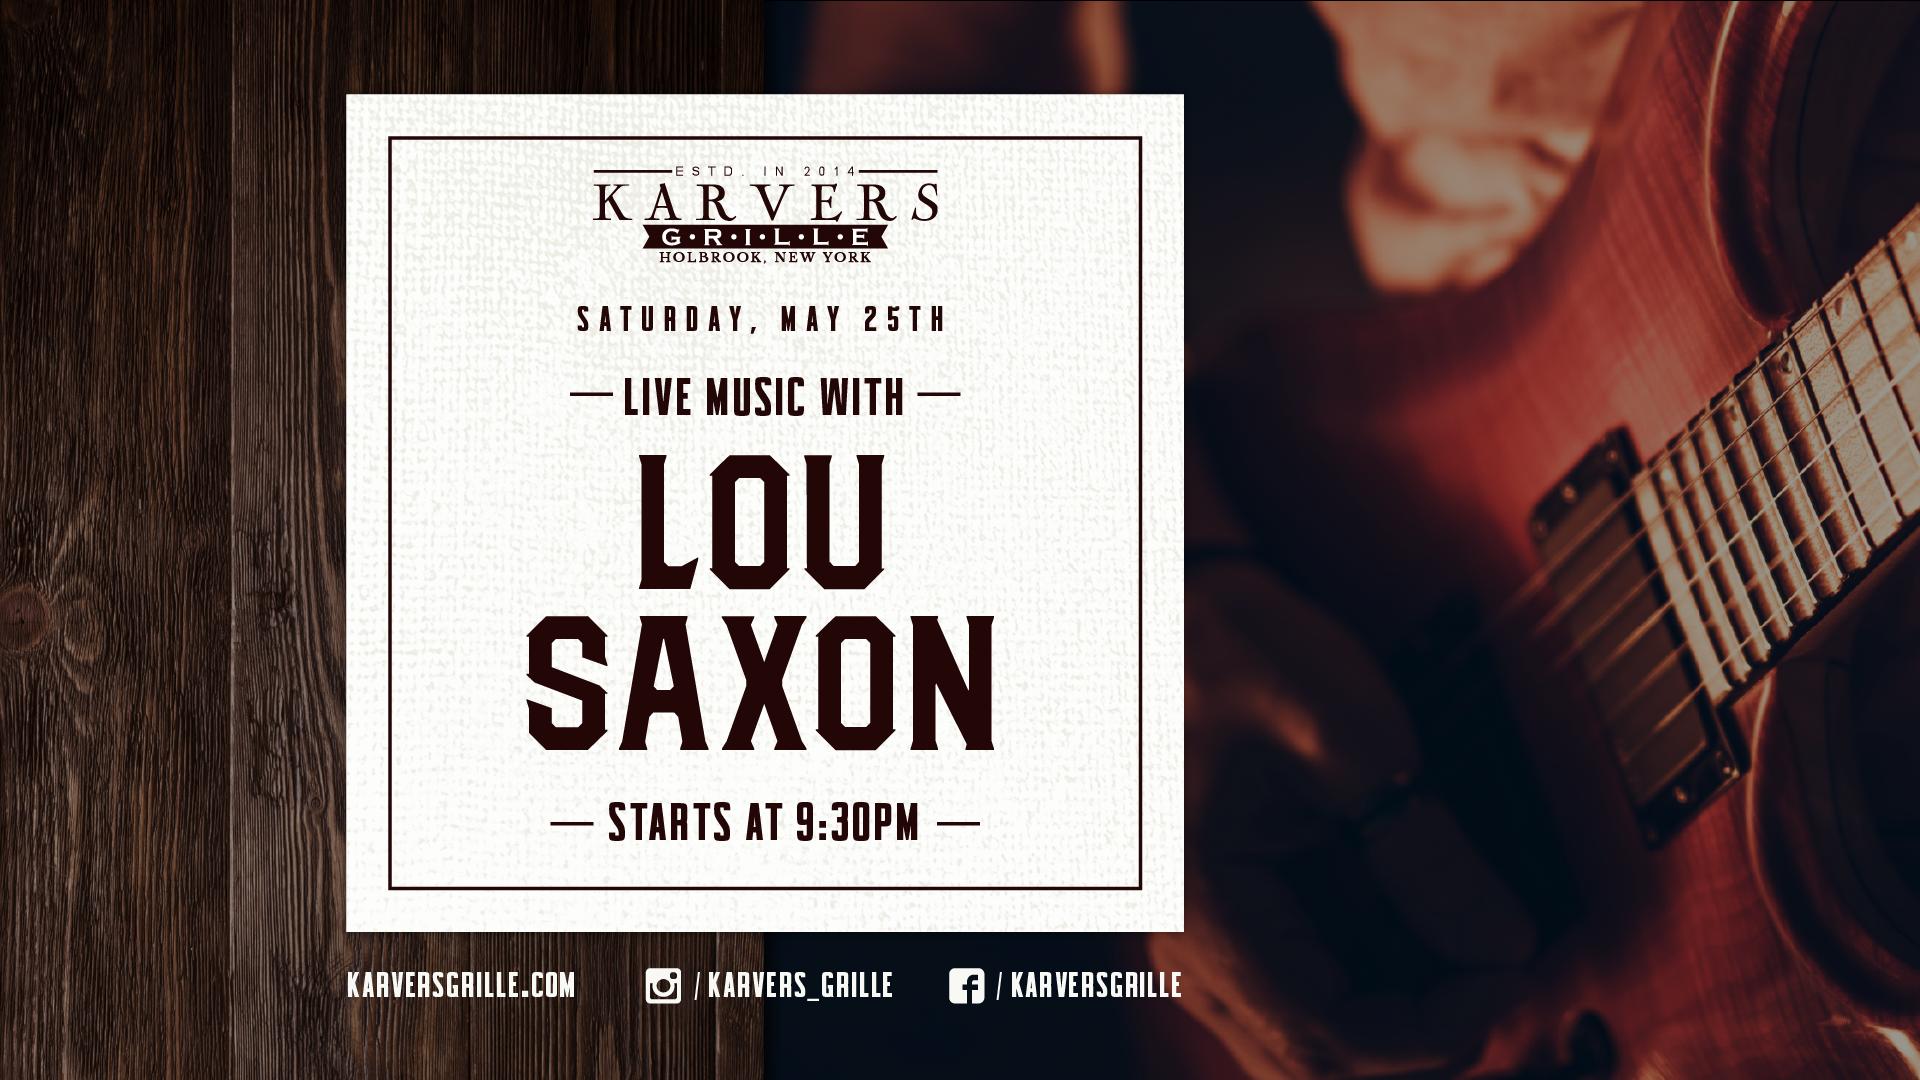 Lou Saxon